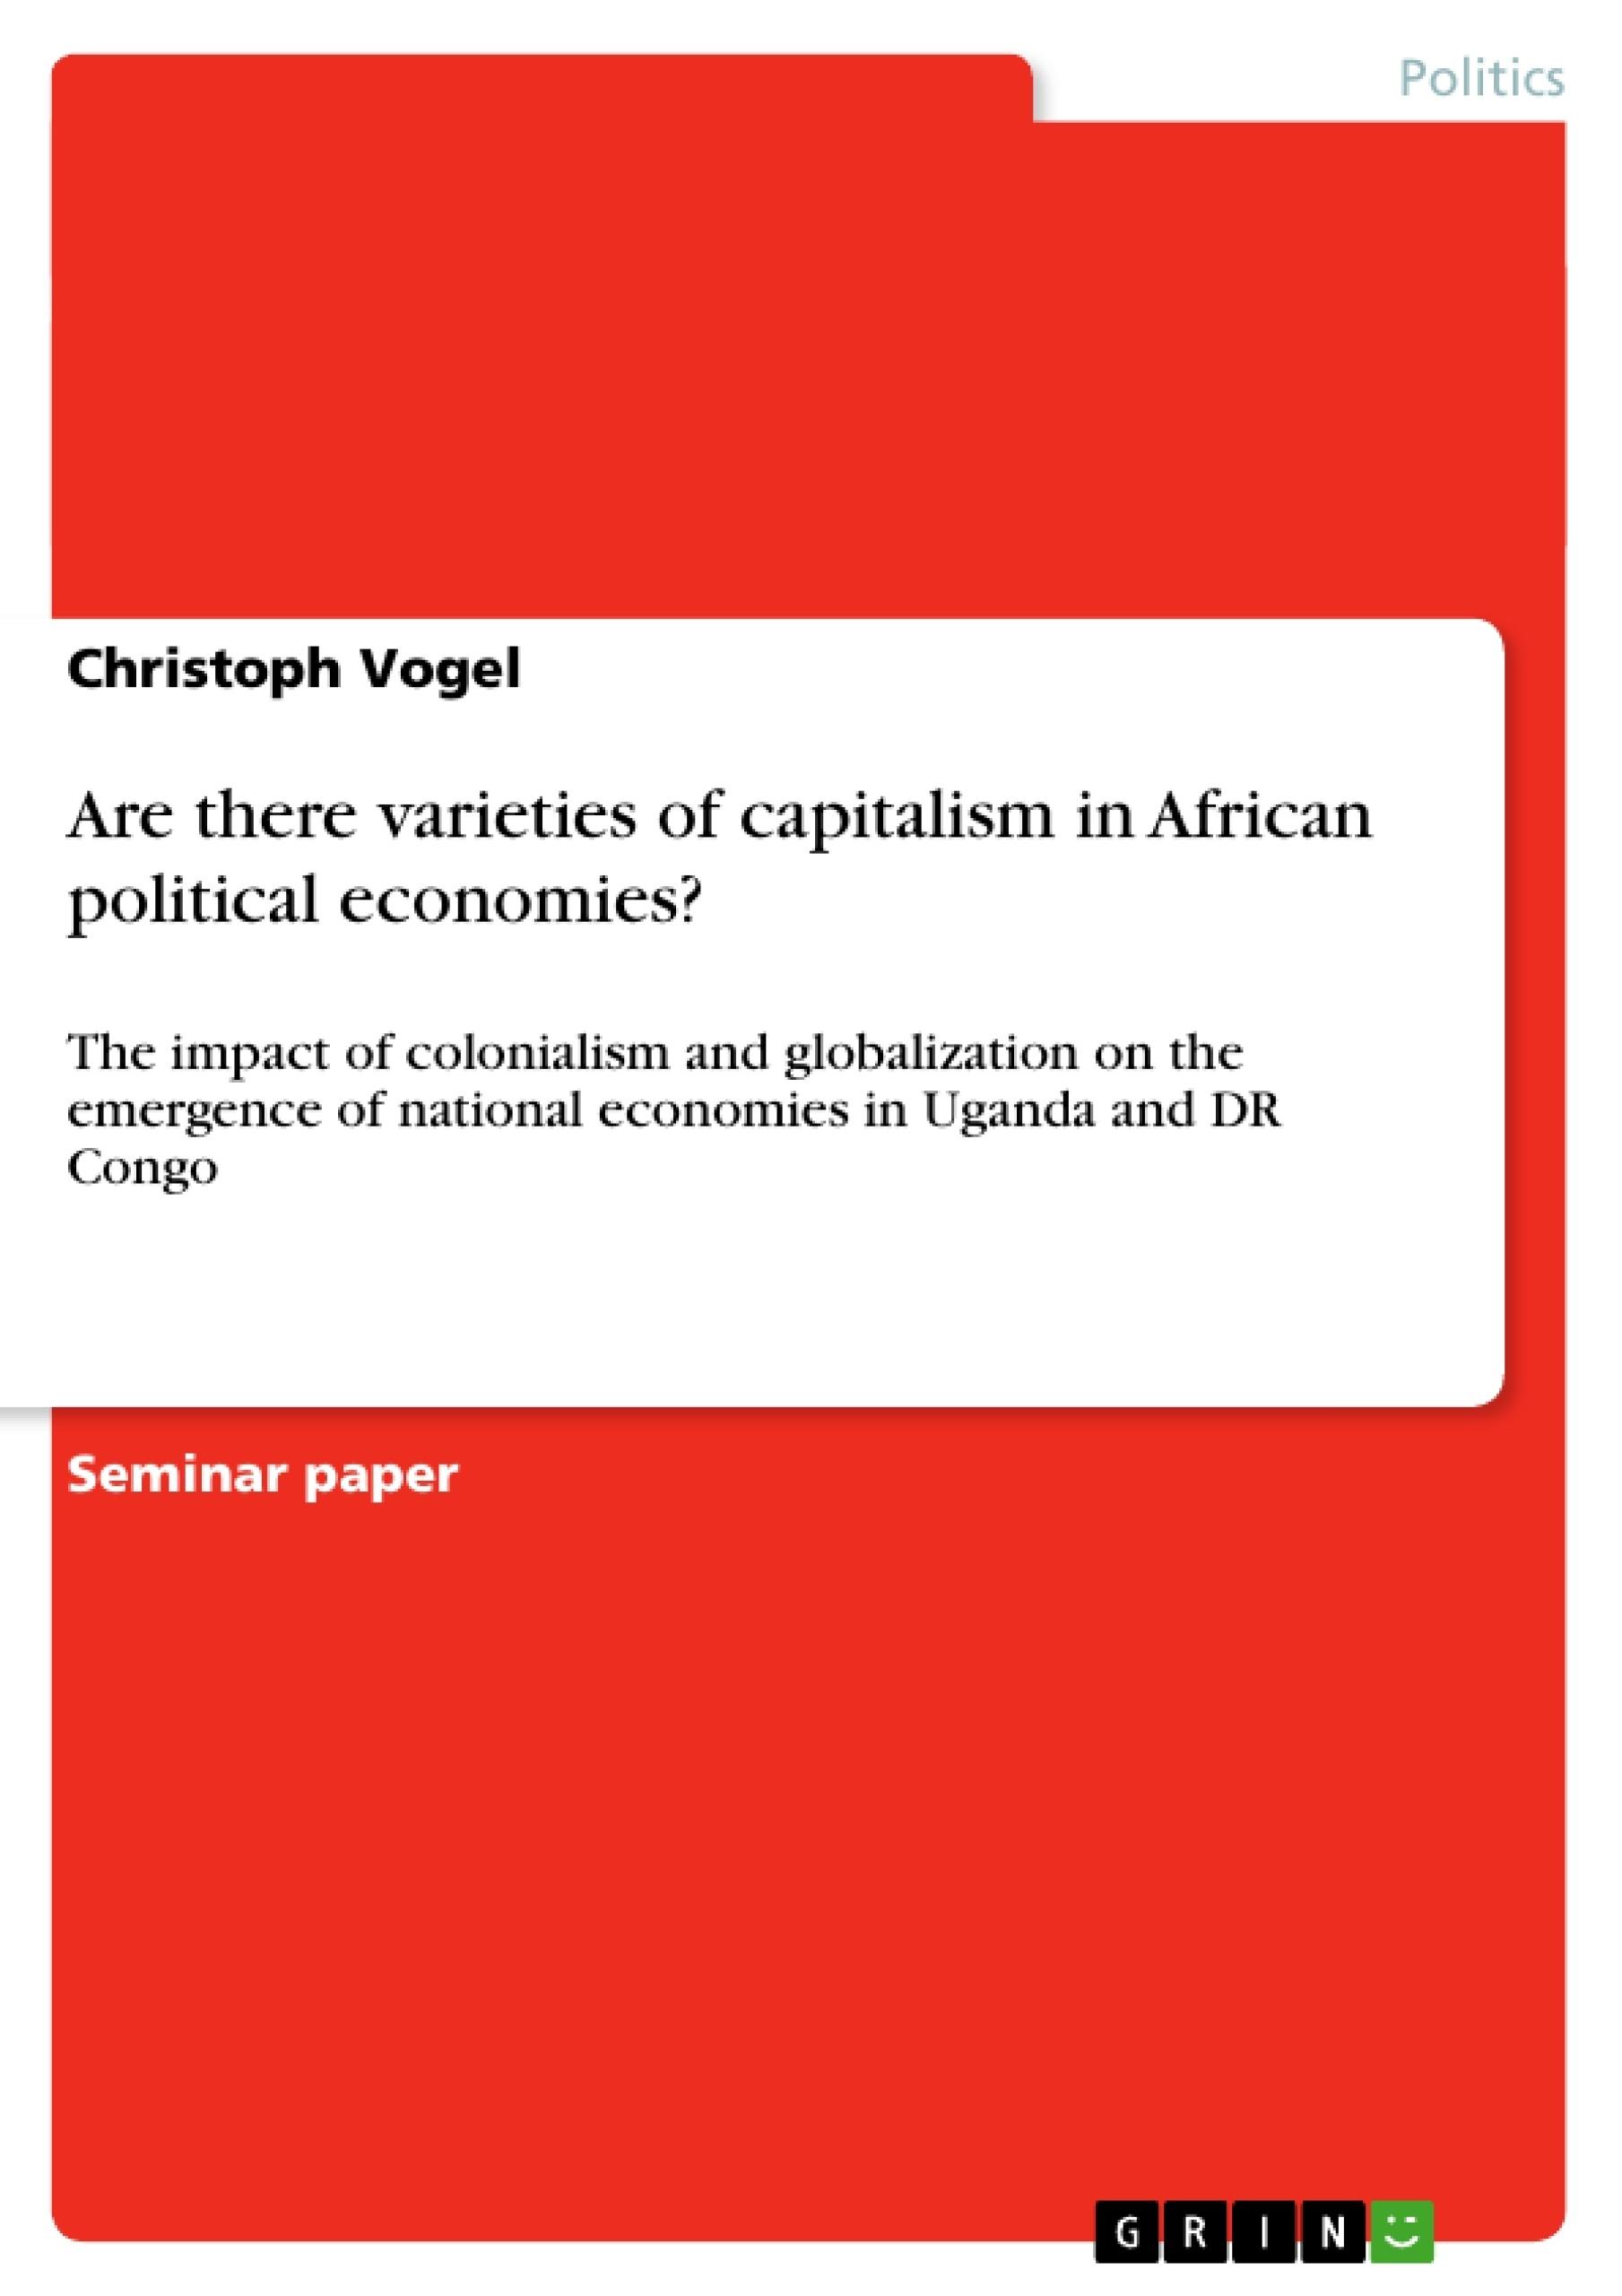 varieties of capitalism essay